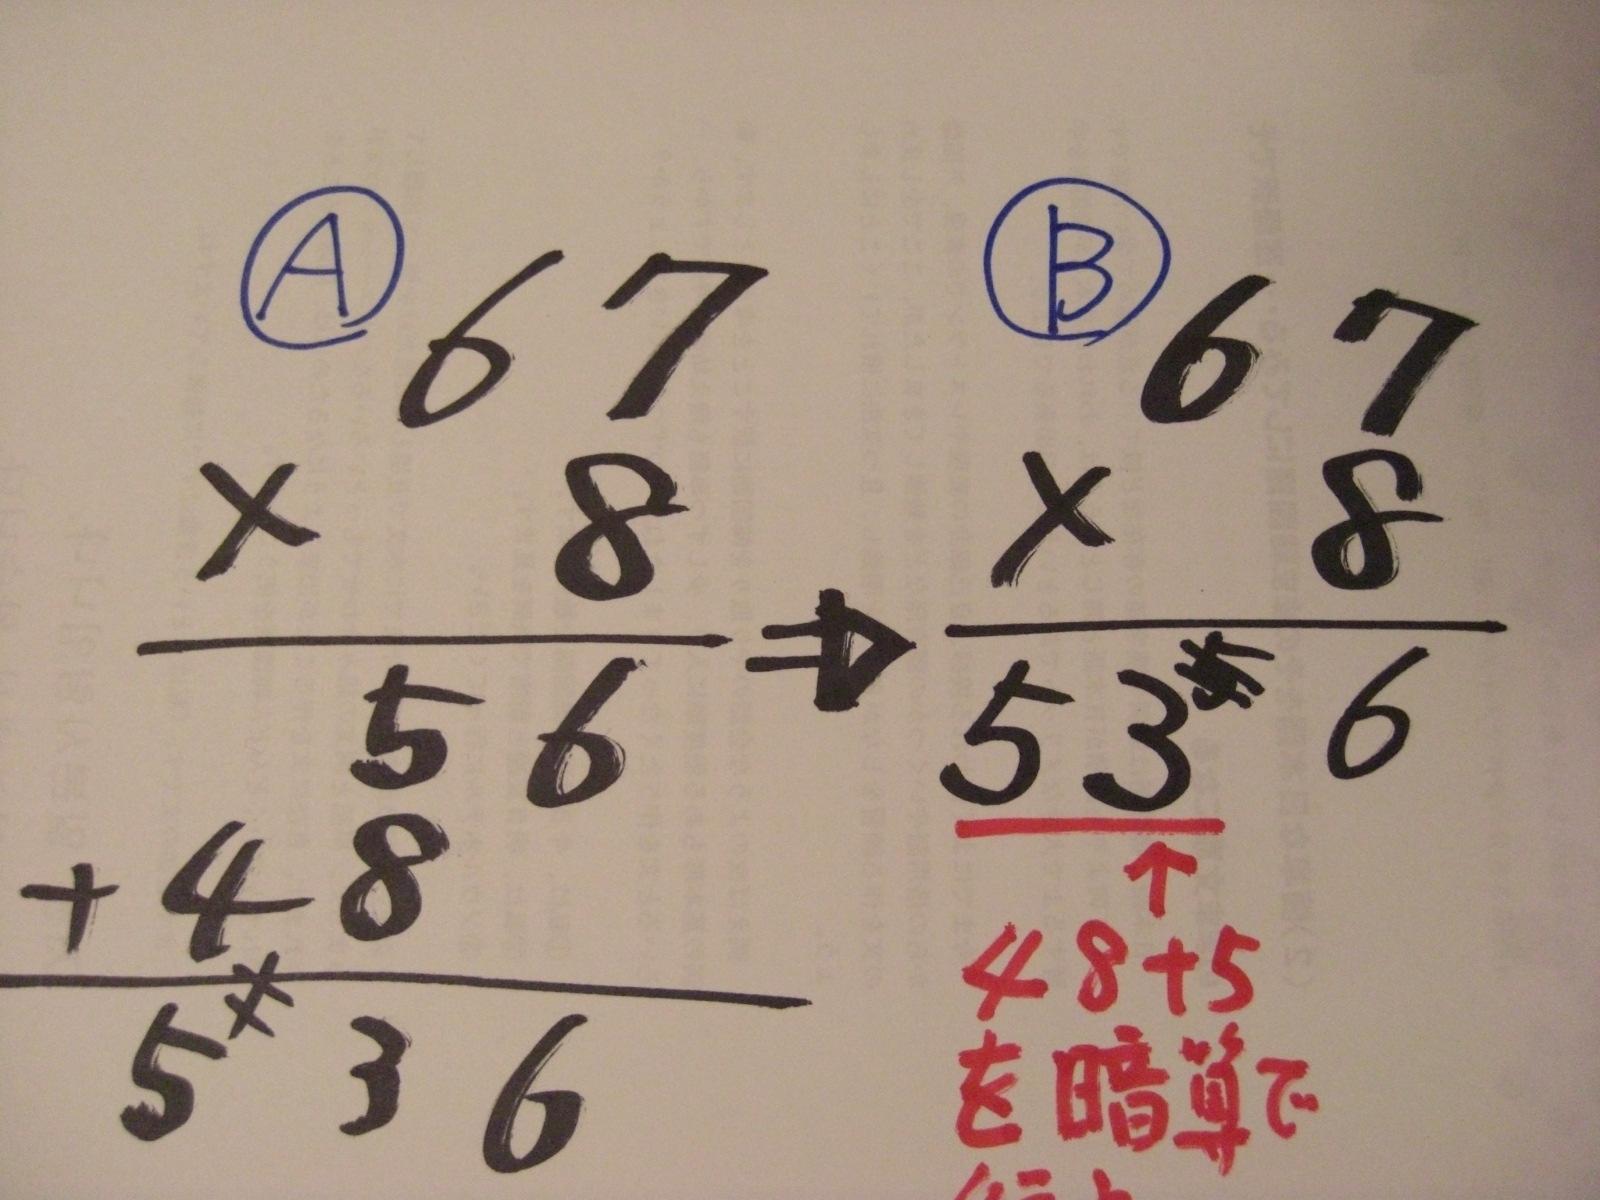 すべての講義 足し算 暗算 : 例会 : 石原清貴の算数教育 ...